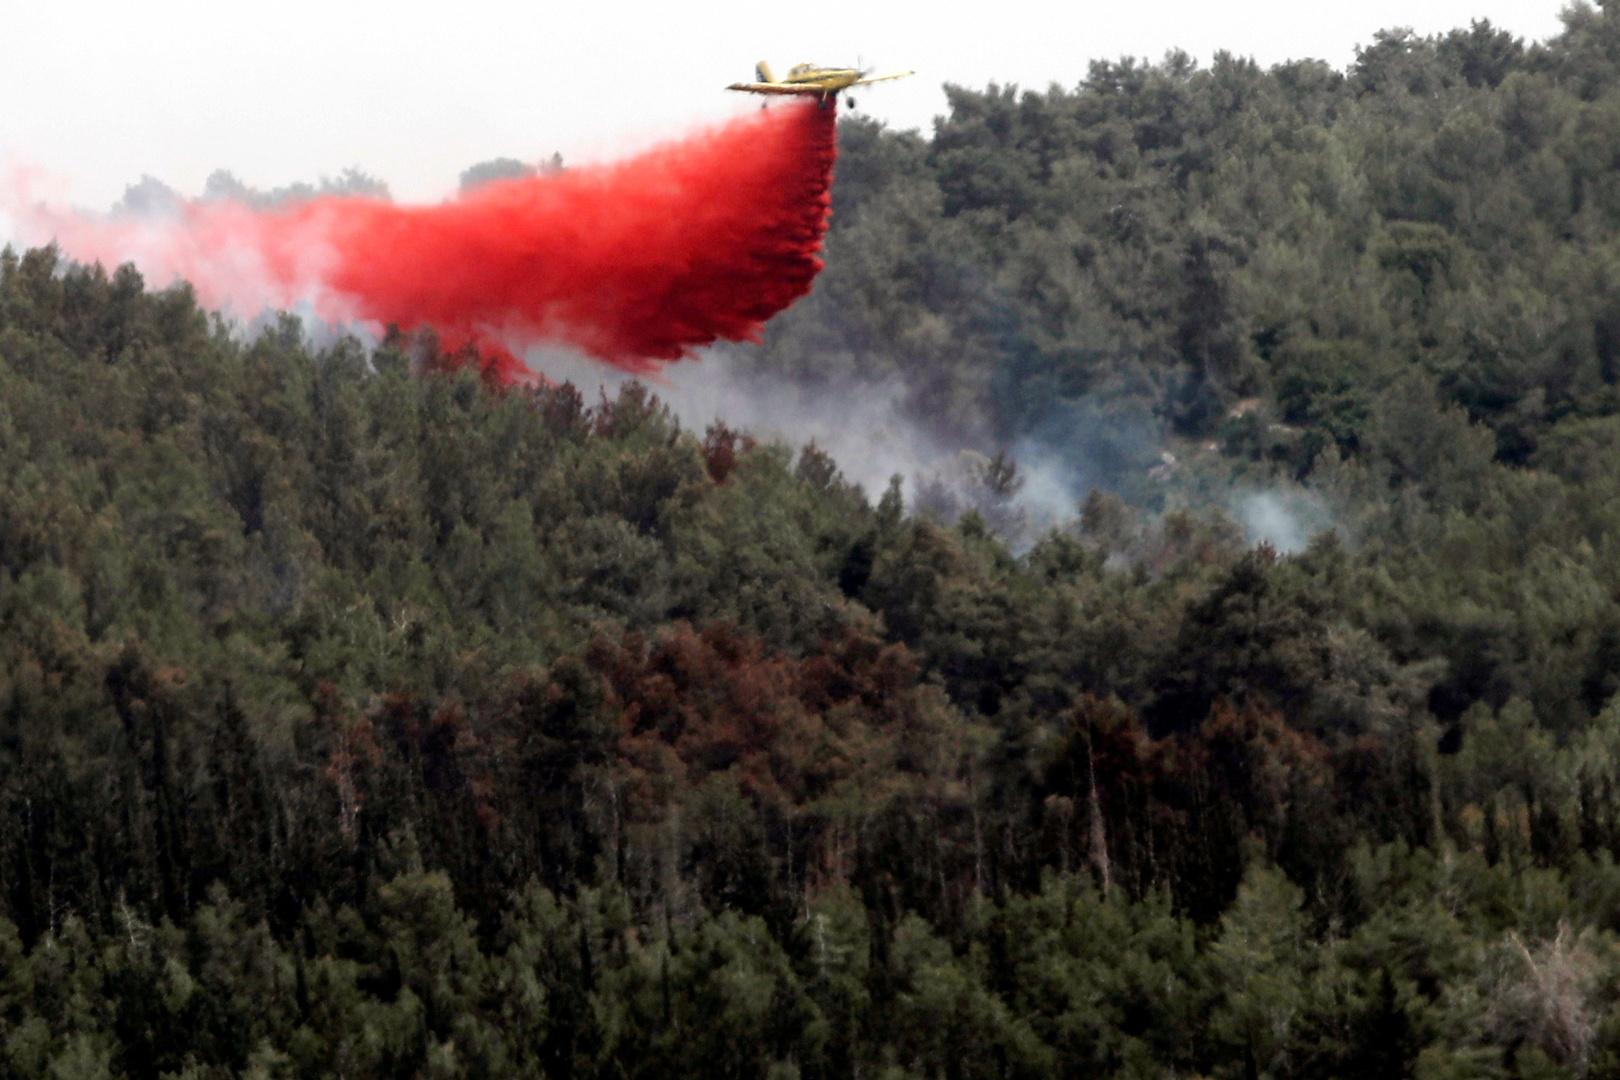 إطفاء حرائق في إسرائيل. الصورة: أرشيف رويترز.